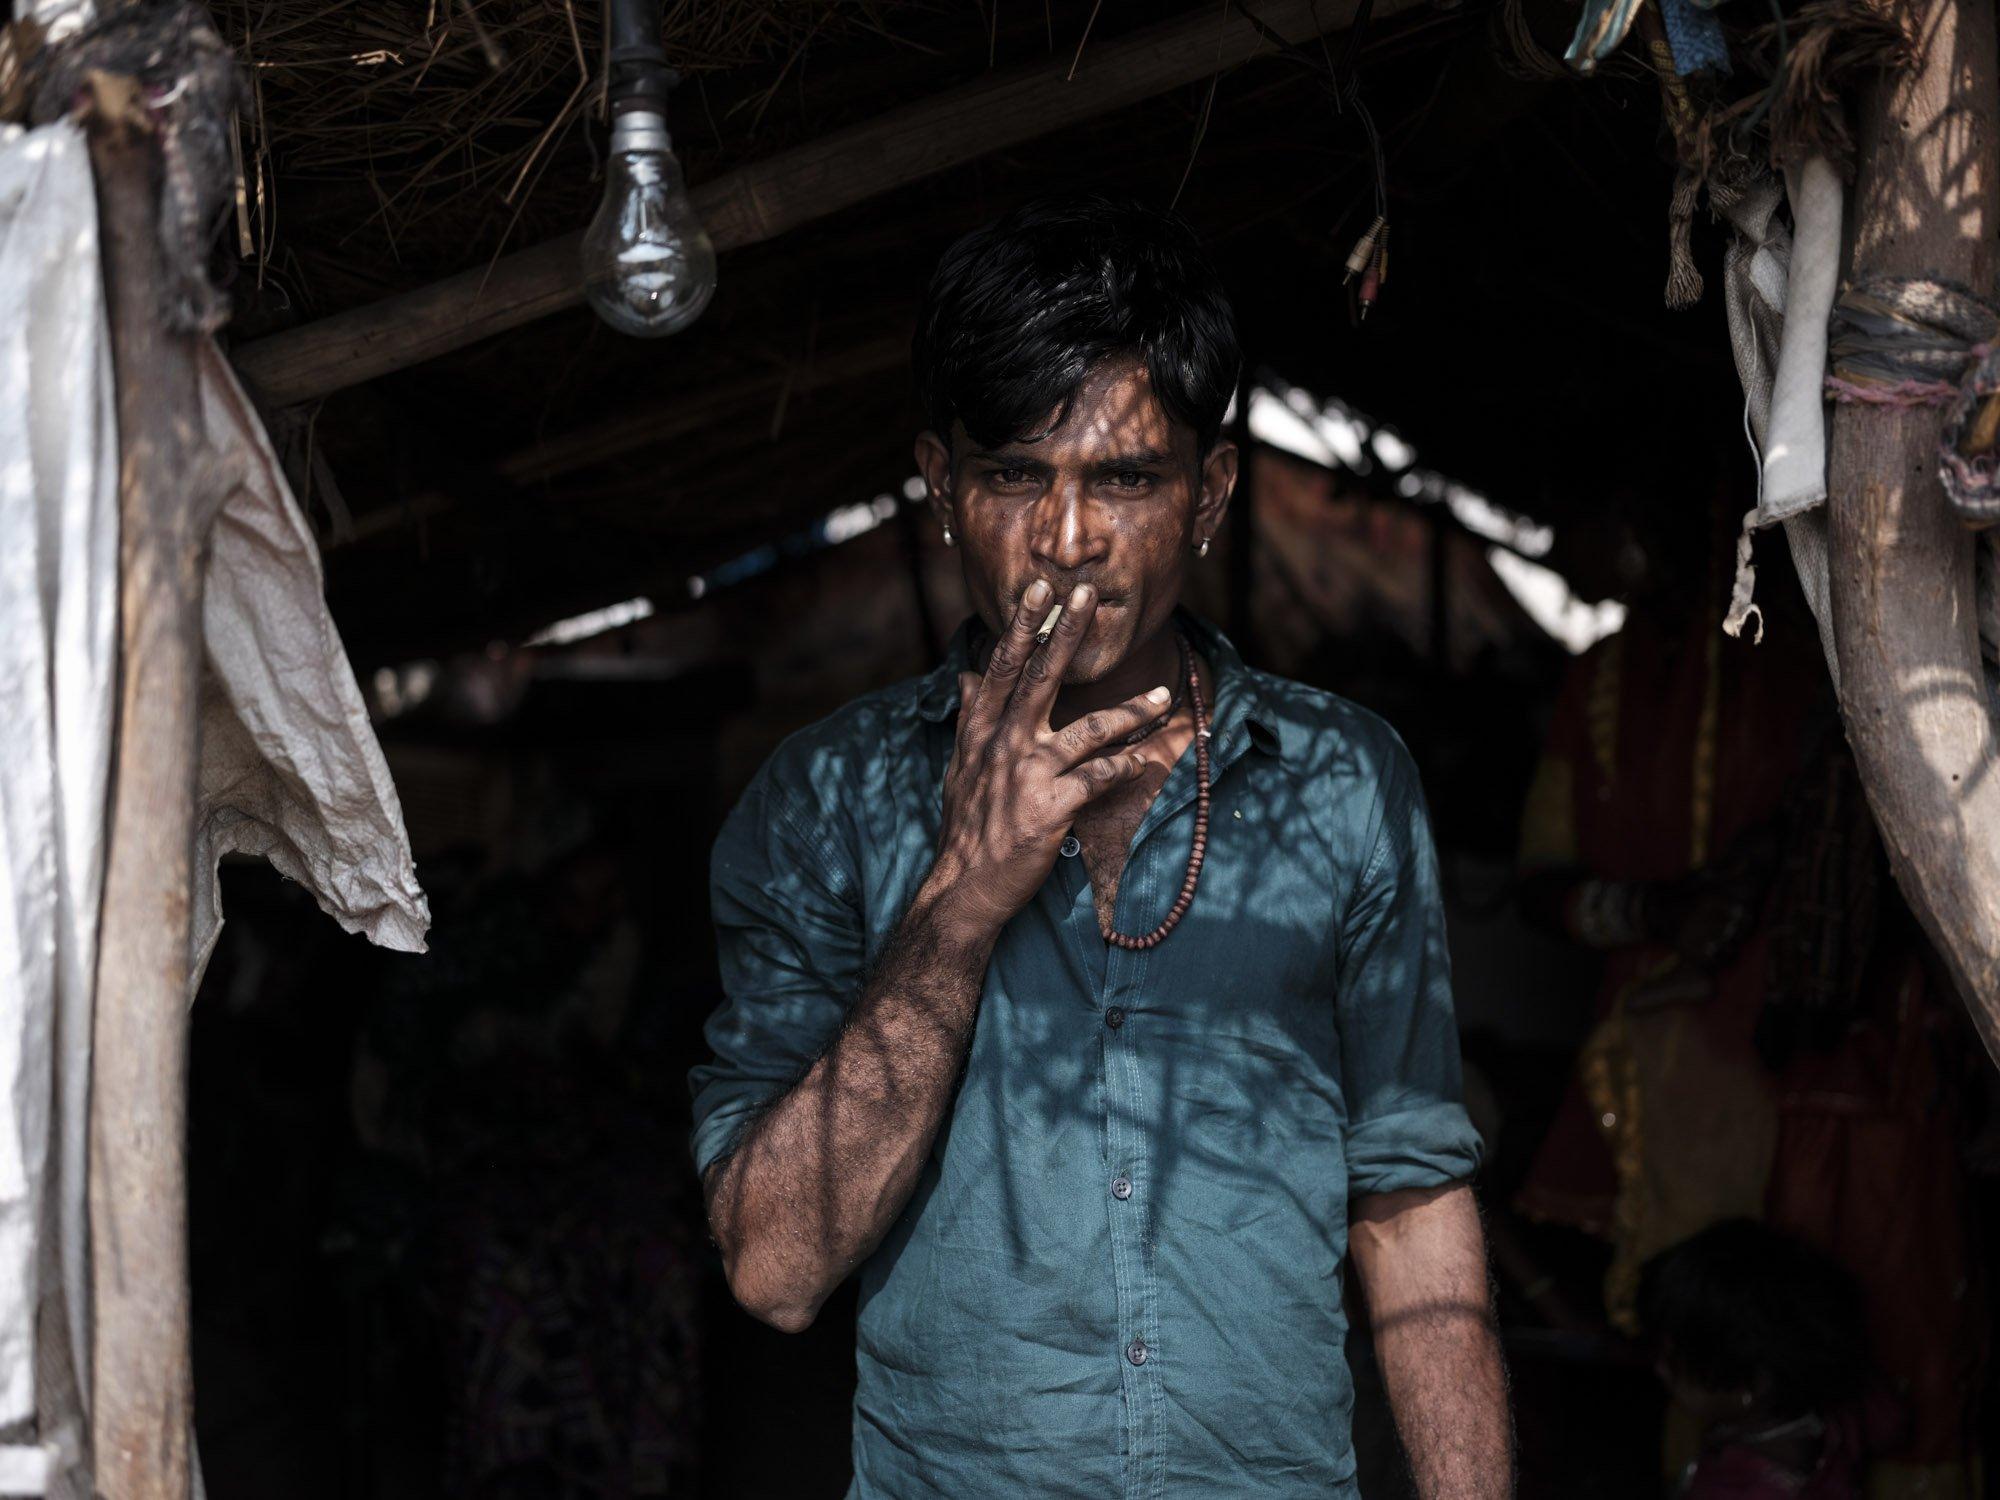 Gypsy Kalbelia tribe nomad Rajasthan India Documentary Photography Photographer Jose Jeuland